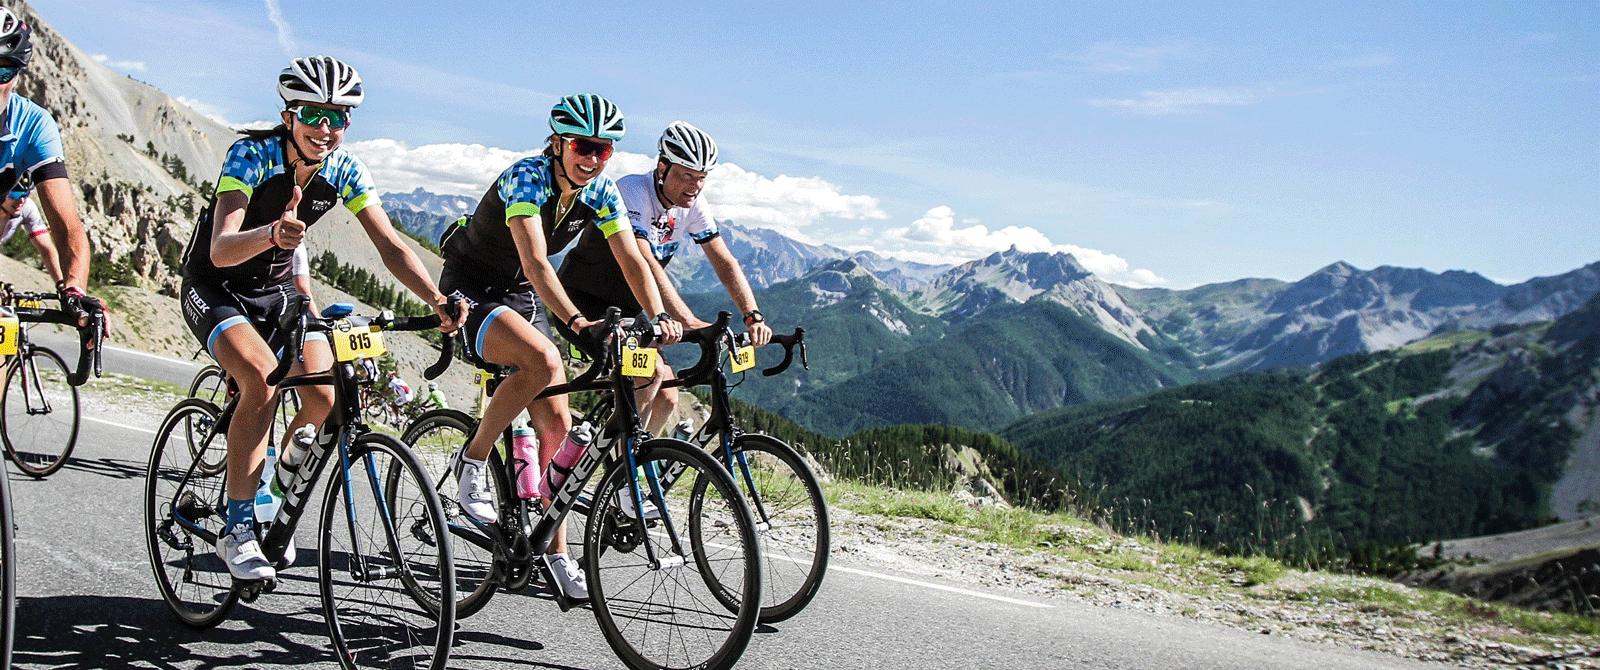 Etape Du Tour Tour De France Bike Tours Amp Cycling Vacations